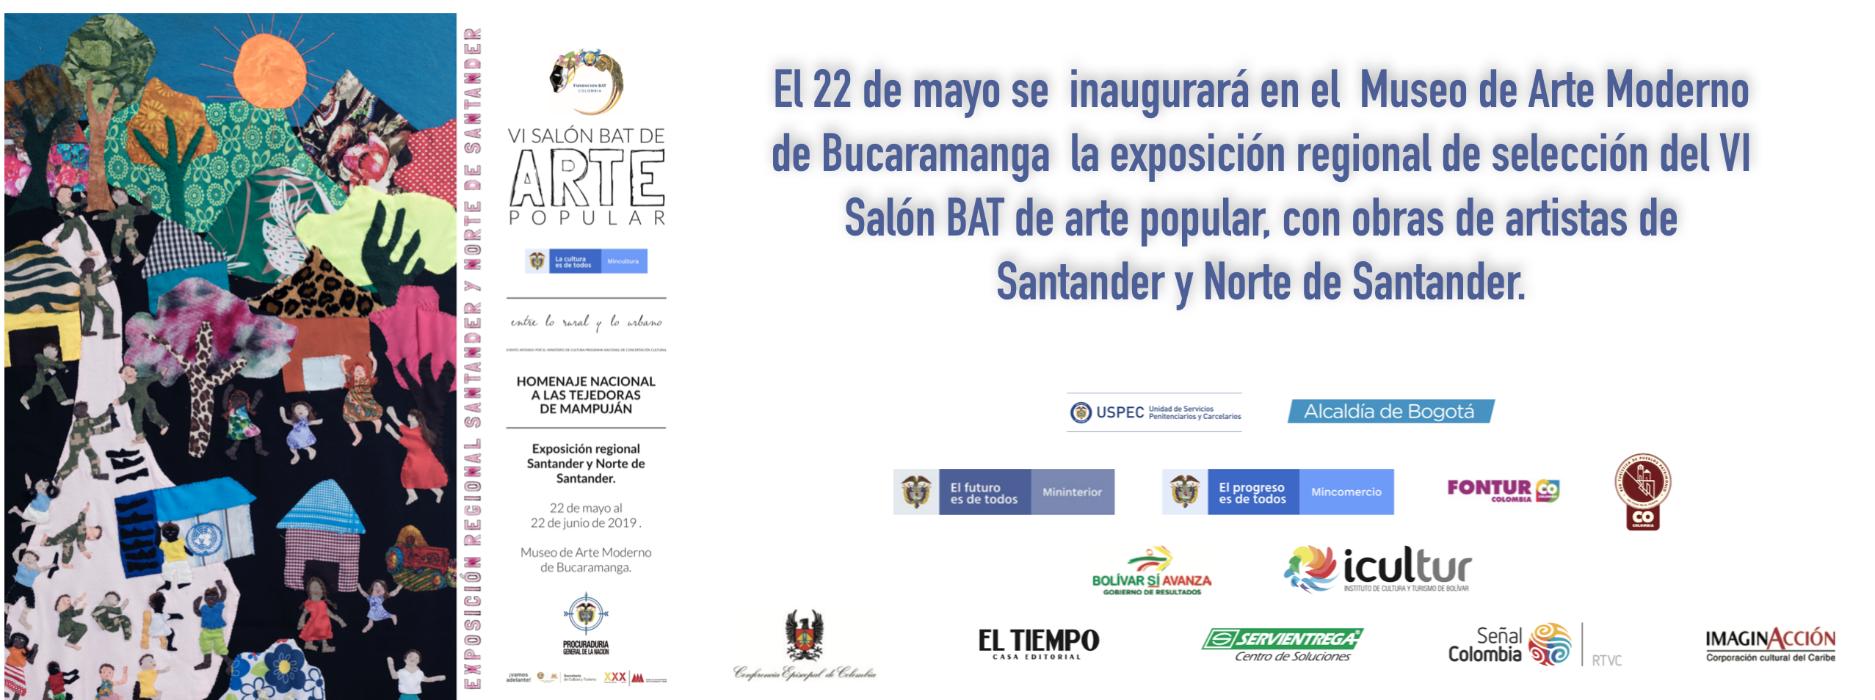 Invitation Santander y Norte de Santander